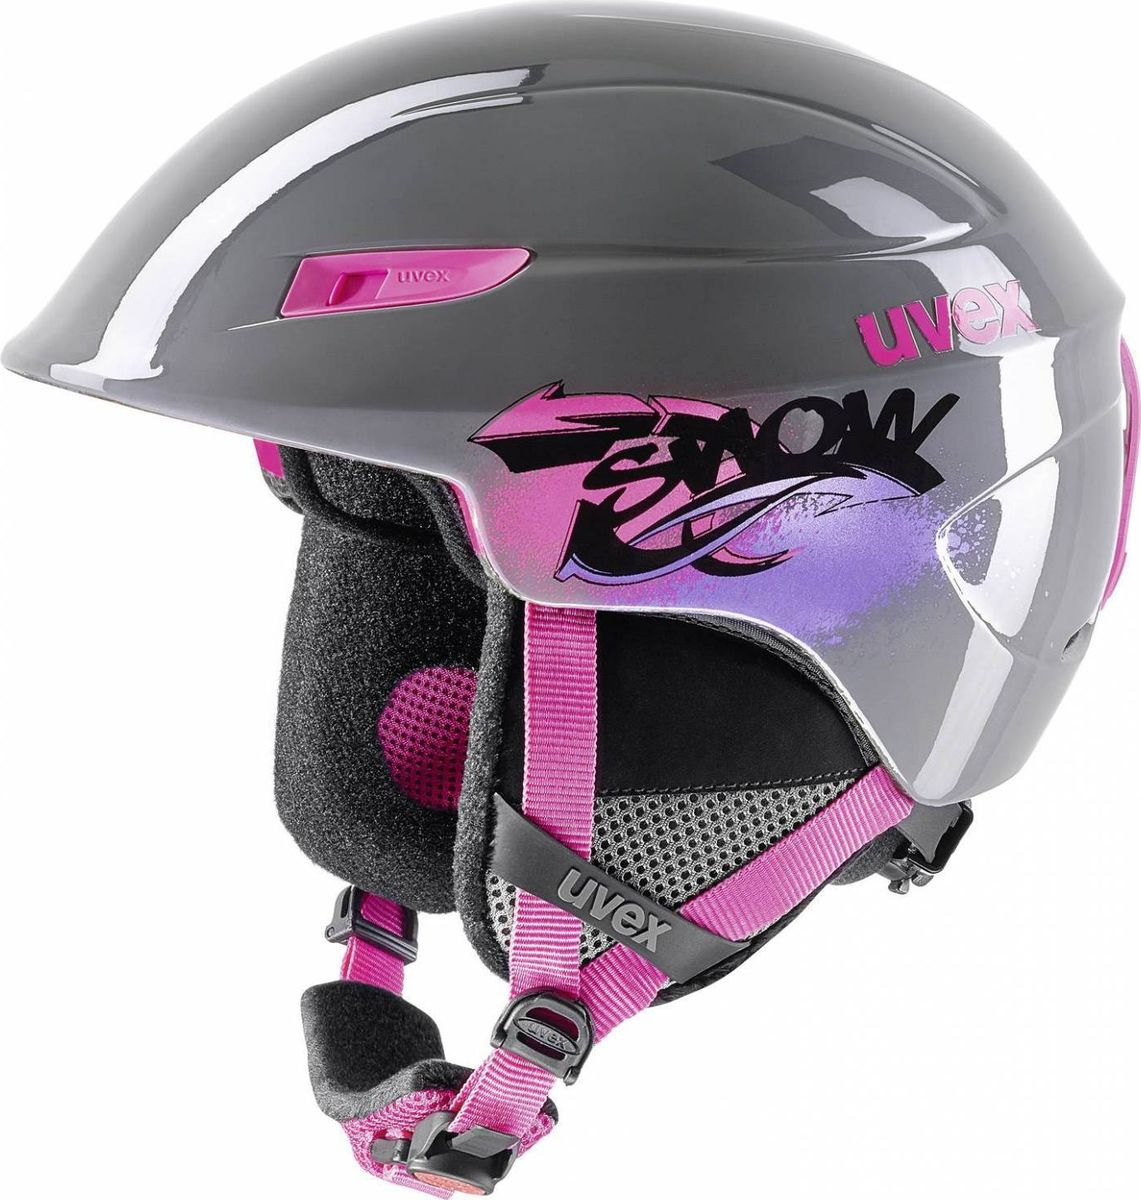 Шлем горнолыжный Uvex U-kid Kids Helmet, цвет: серый. Размер 51/556218Детский шлем обеспечит юному лыжнику максимальный комфорт на склоне. В модели предусмотрены система вентиляции и фиксатор стрэпа маски. Подкладка выполнена из гипоаллергенного материала.